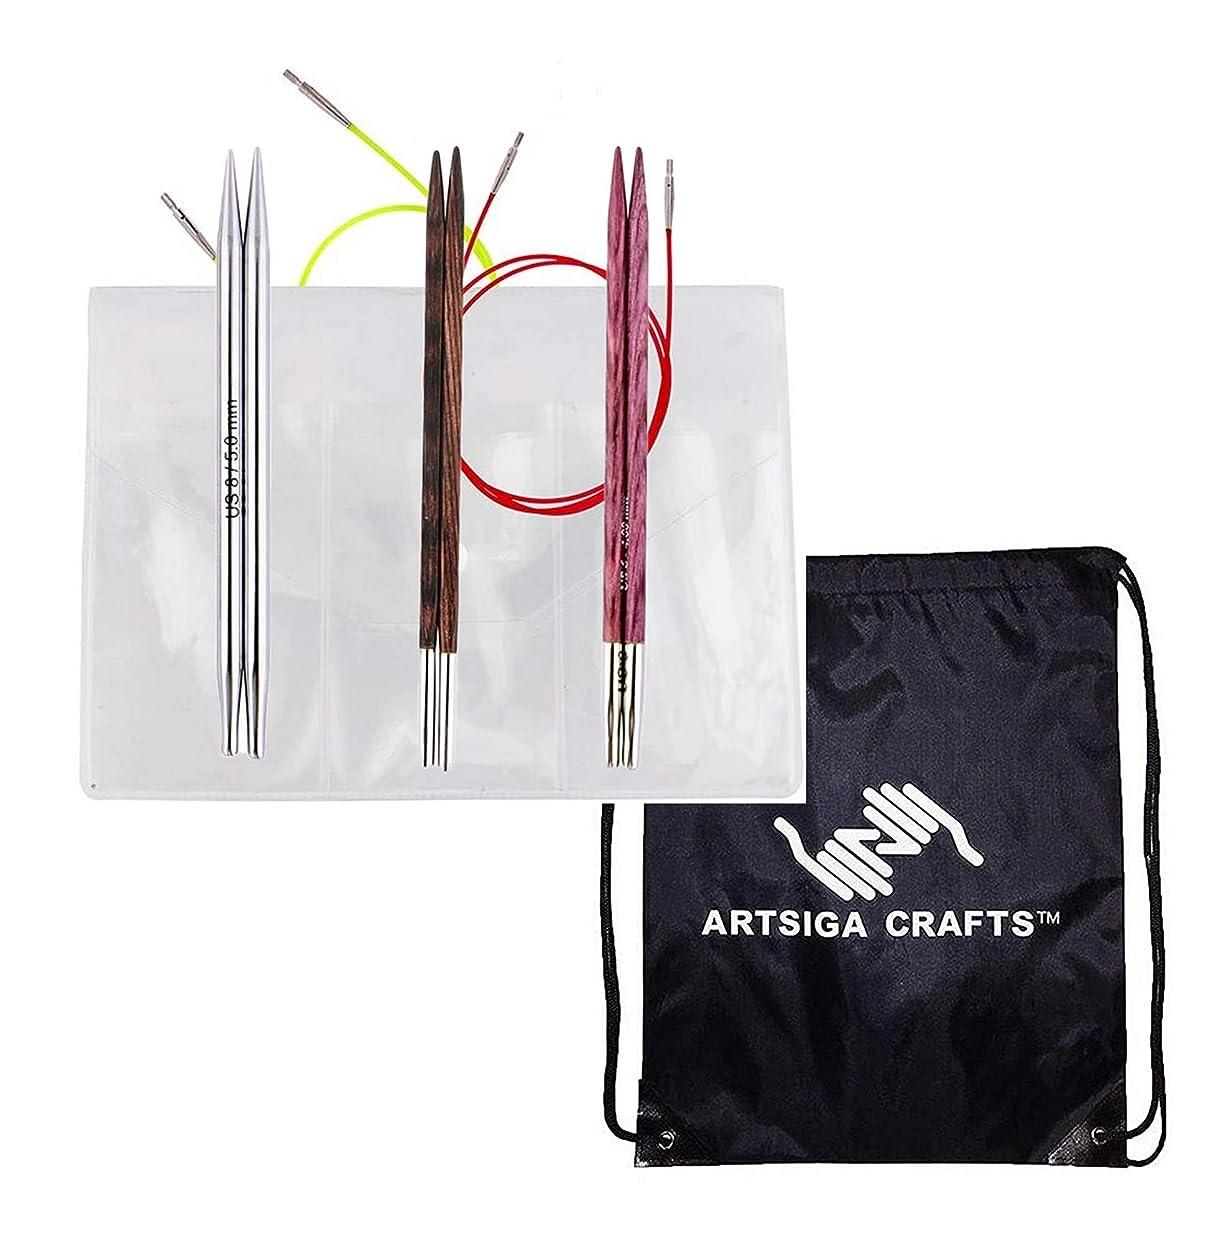 不安階段受粉者Knitter's Pride ニットニードル 交換可能コビーサンプラー Iセット ロングチップバンドル Artsiga Craftsプロジェクトバッグ1個付き 800191